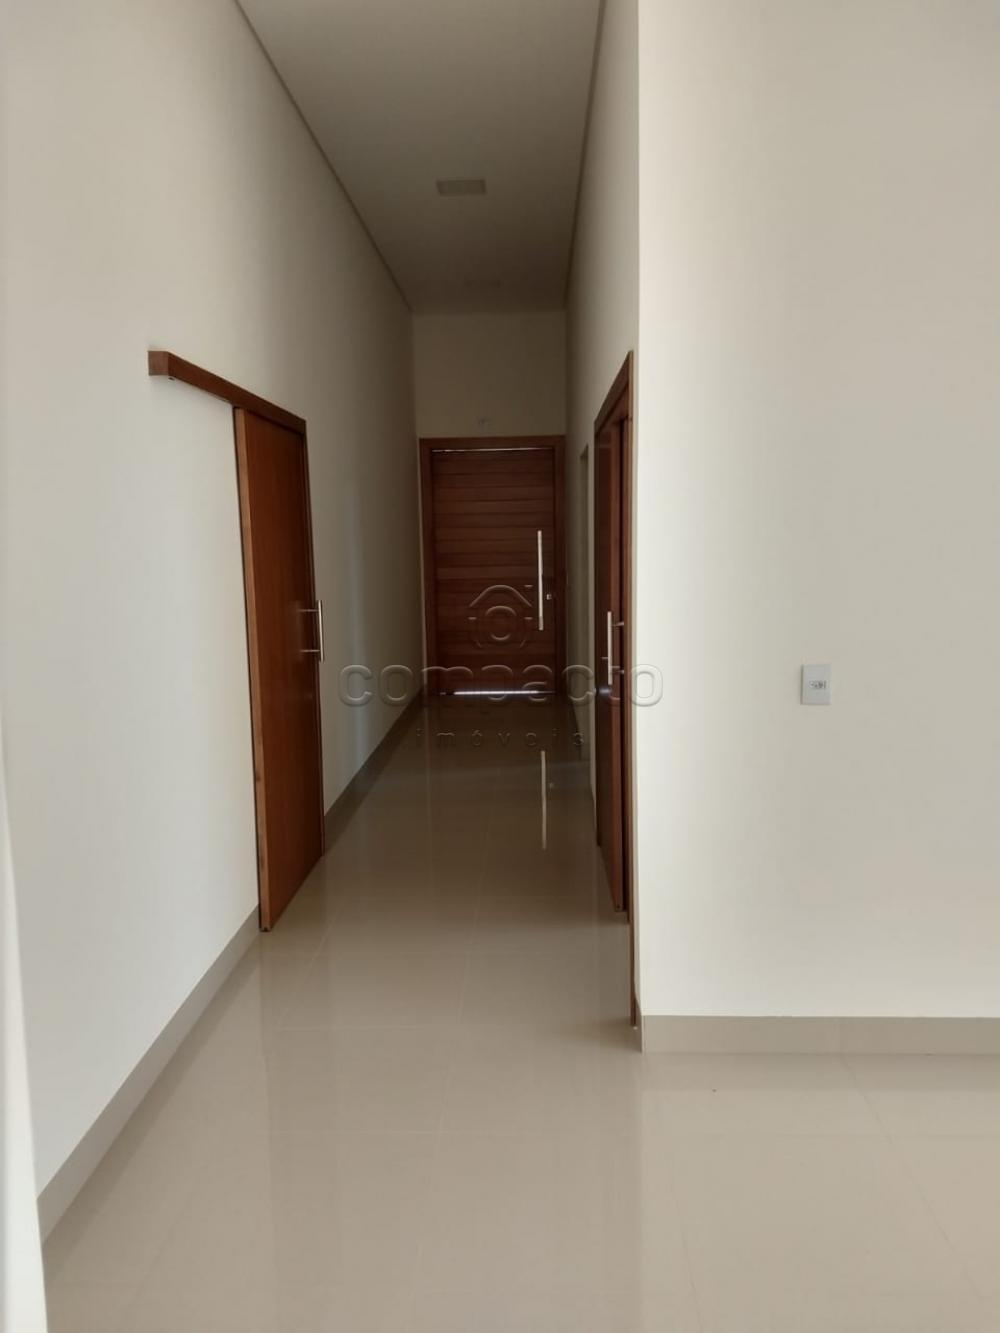 Comprar Casa / Condomínio em Mirassol apenas R$ 800.000,00 - Foto 3